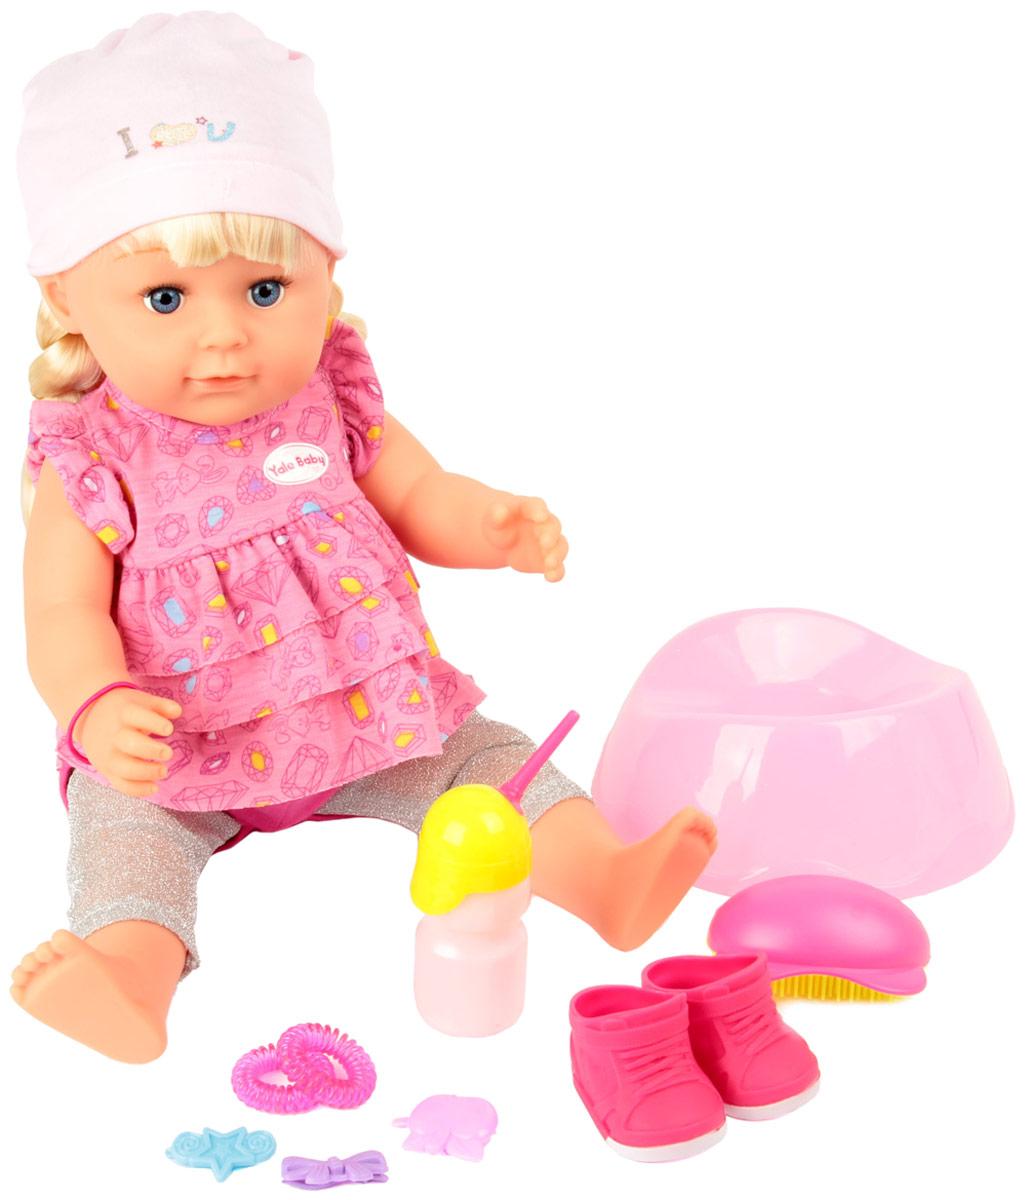 Lisa Jane Кукла Рита 46 см кукла интерактивная lisa jane mami в розовом 40 см